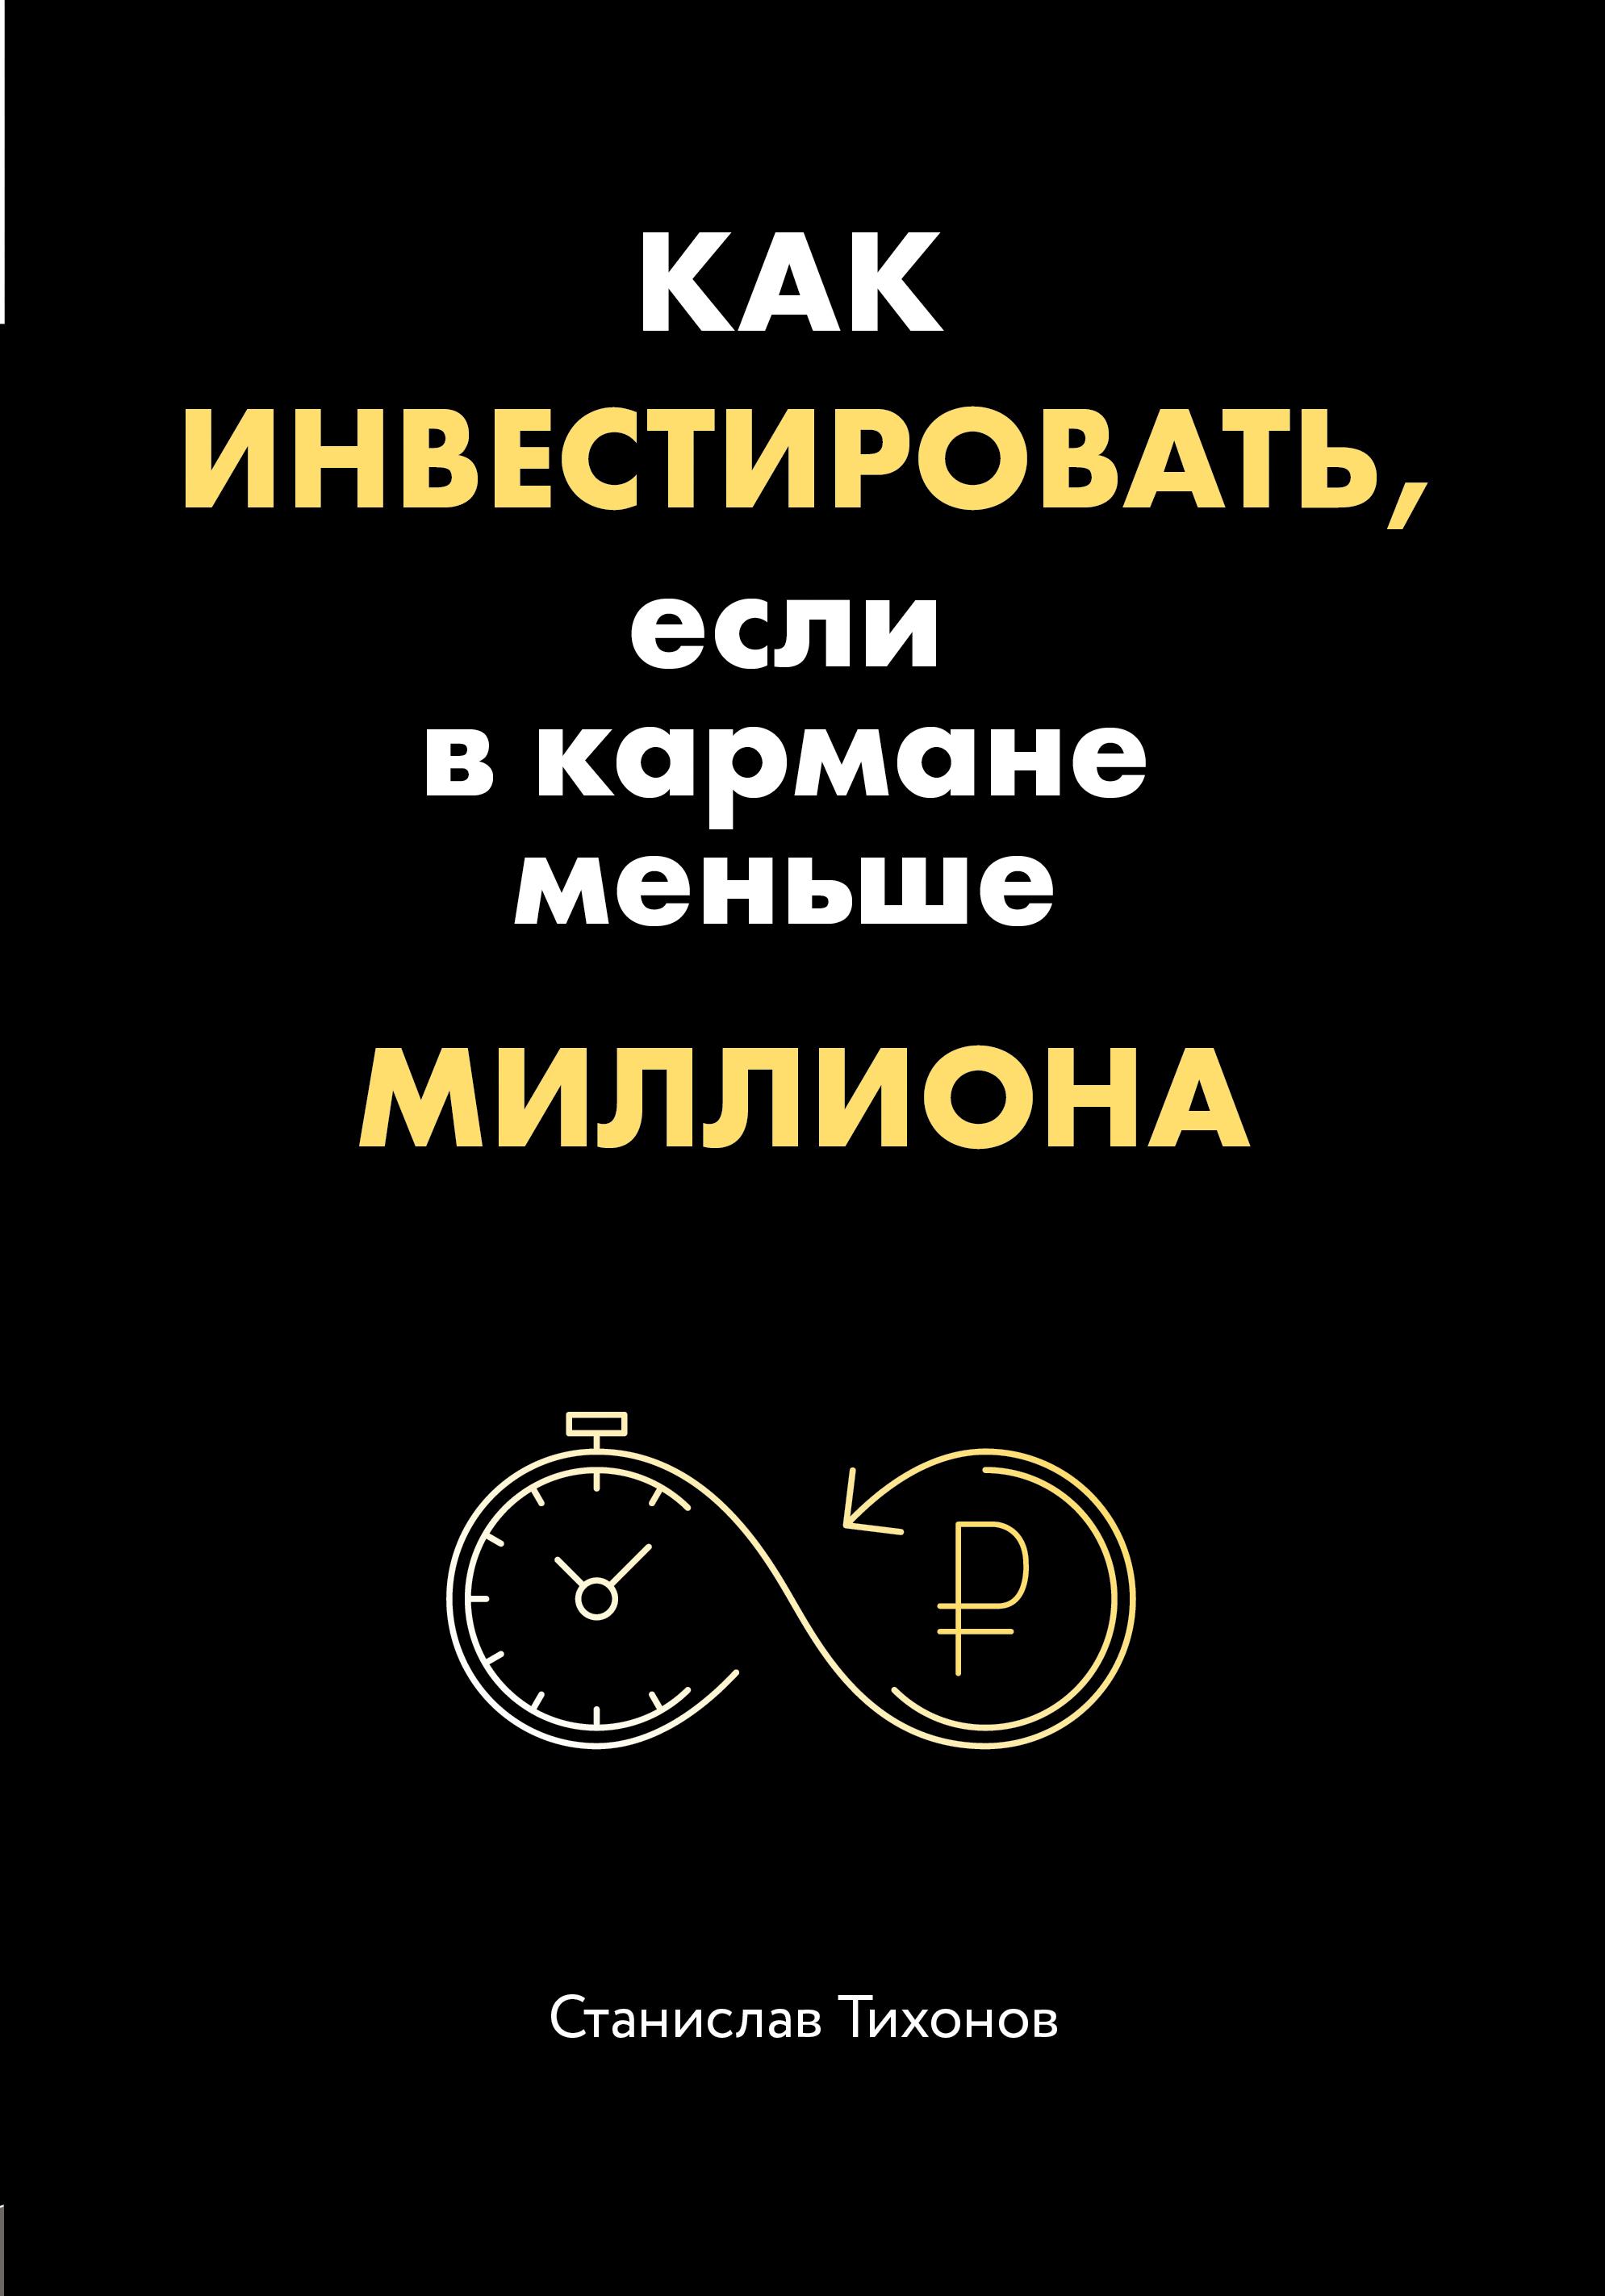 Станислав Тихонов Как инвестировать, если в кармане меньше миллиона